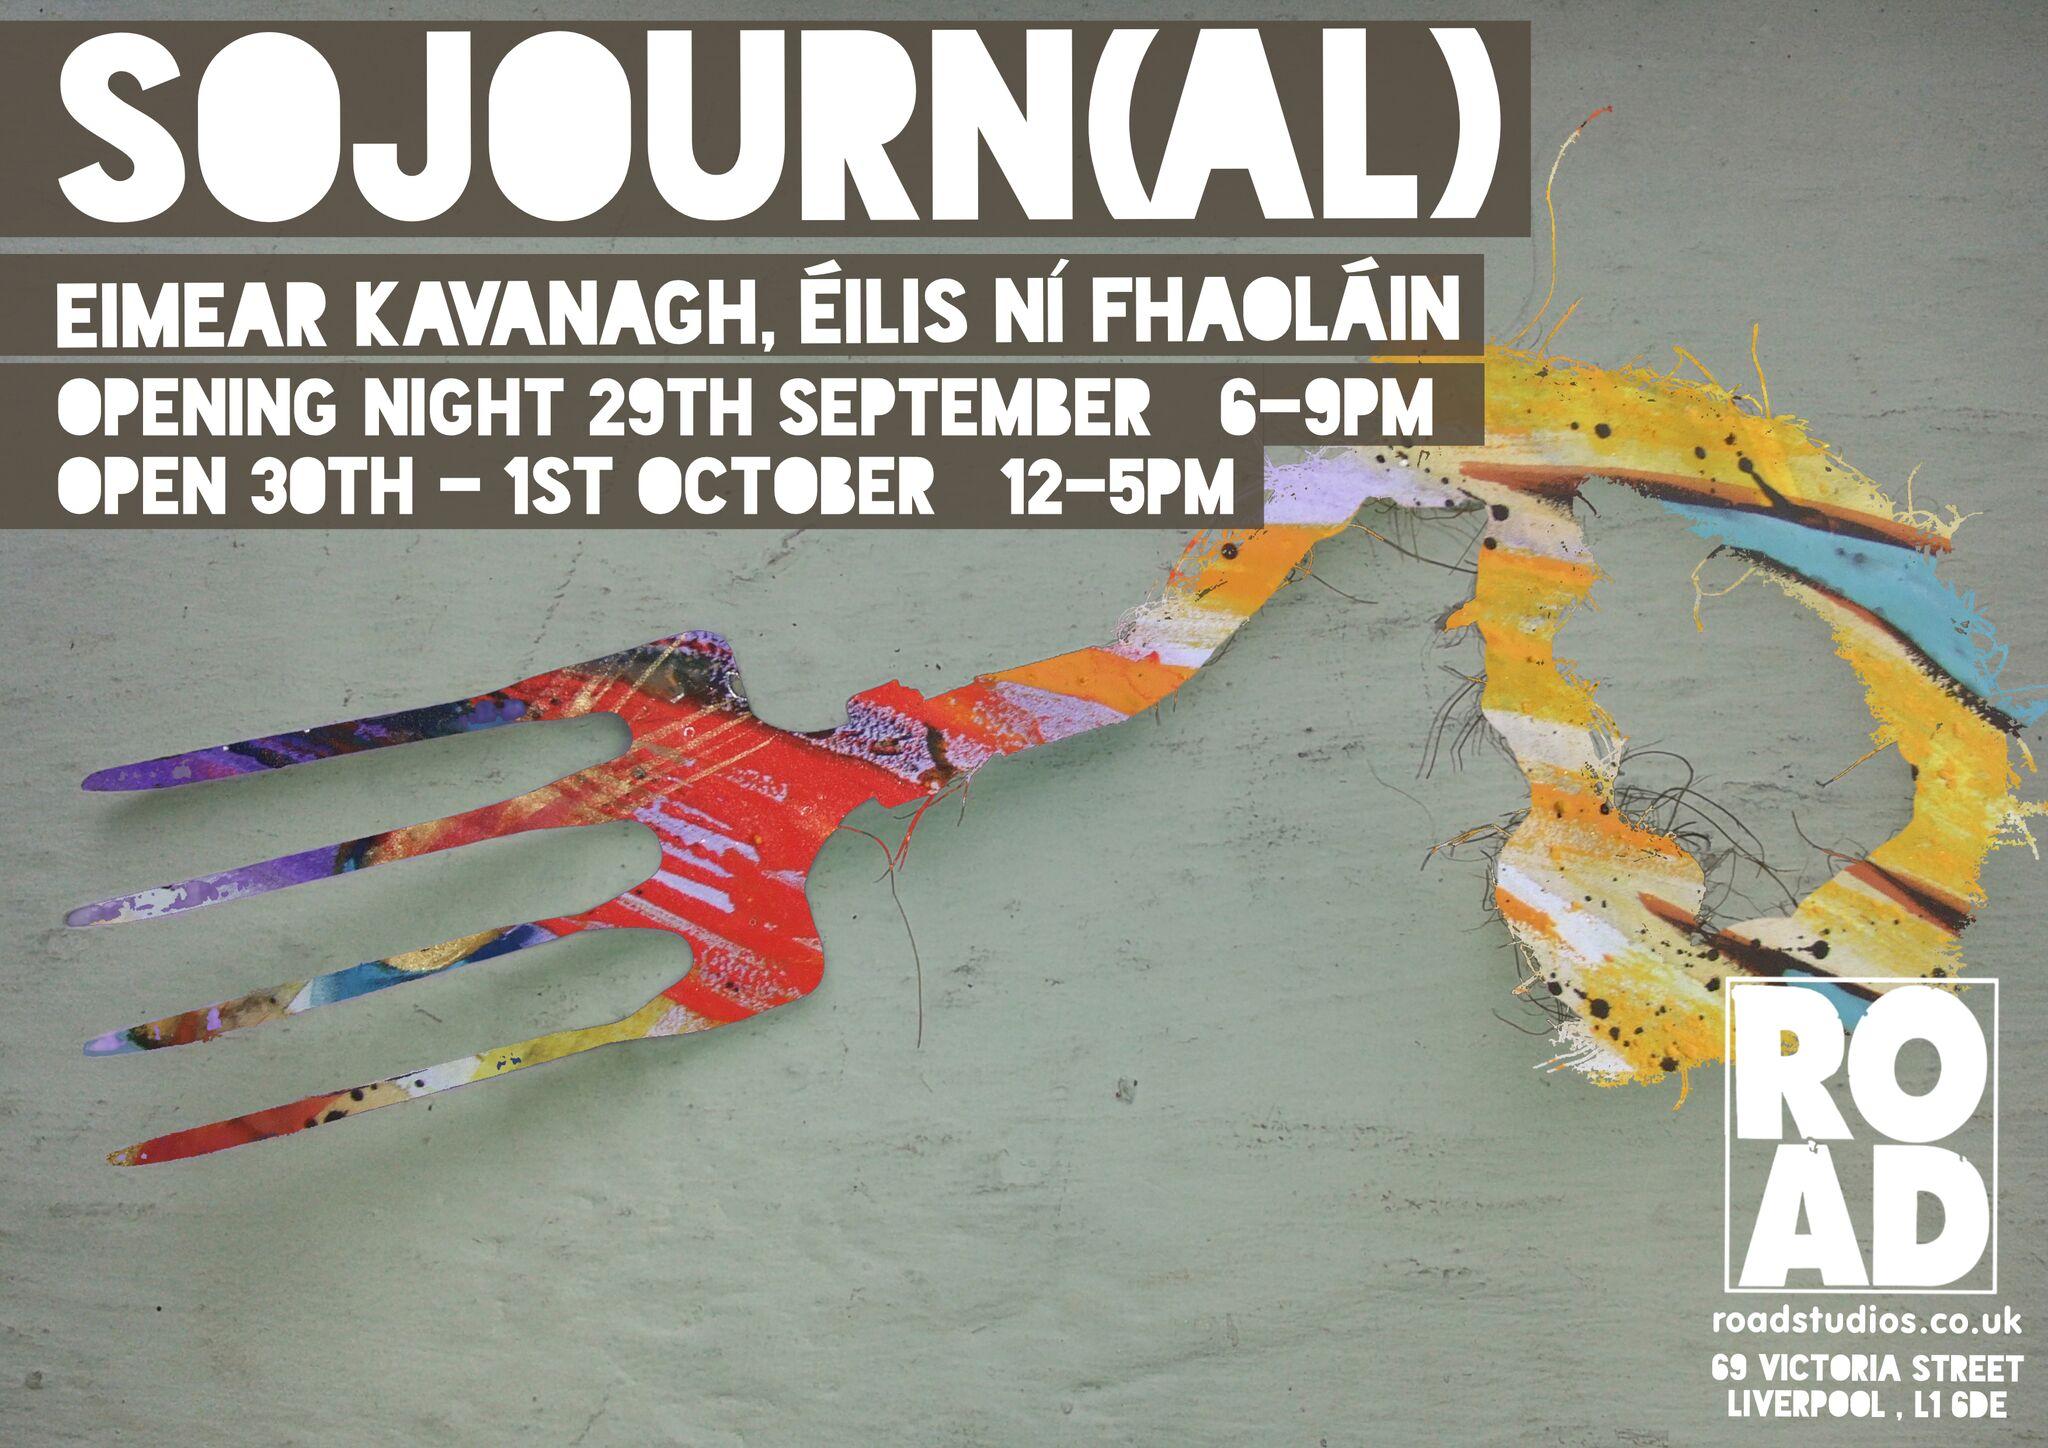 Road Studios: Sojourn(al), Eimear Kavanagh & Eilis Ní Fhaoláin